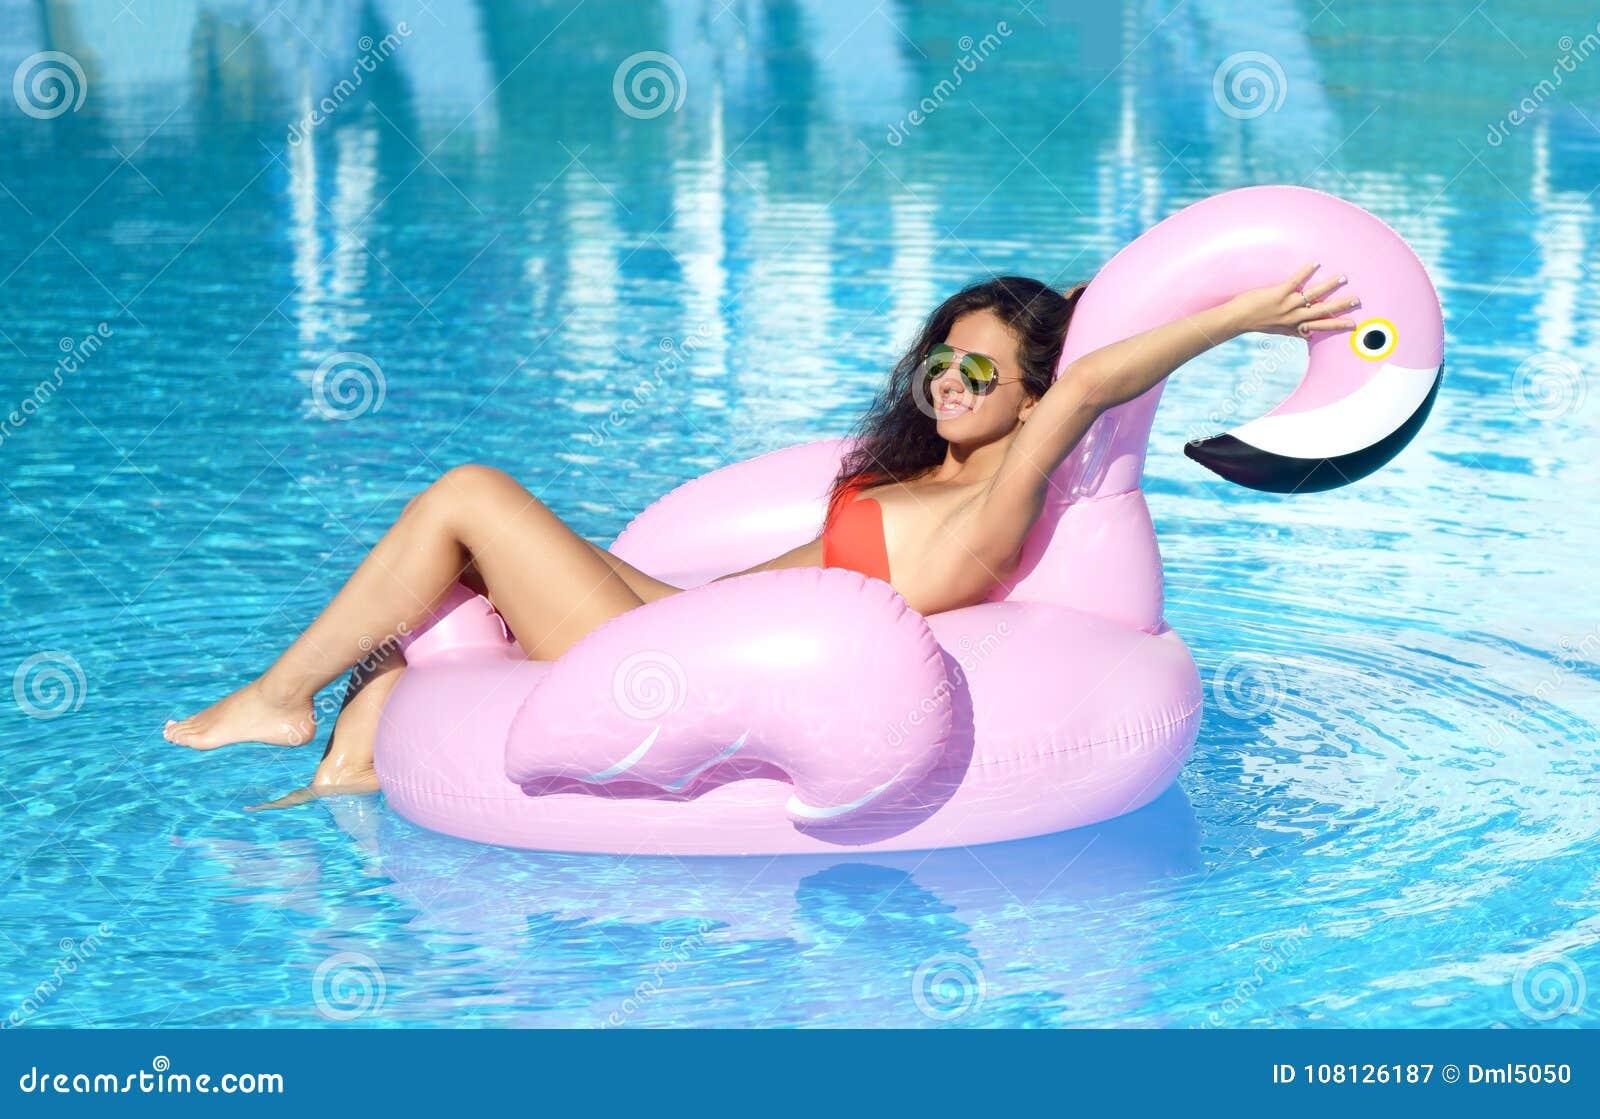 Mulher em um lazer da piscina em um colchão cor-de-rosa gigante inflável gigante do flutuador do flamingo no biquini vermelho